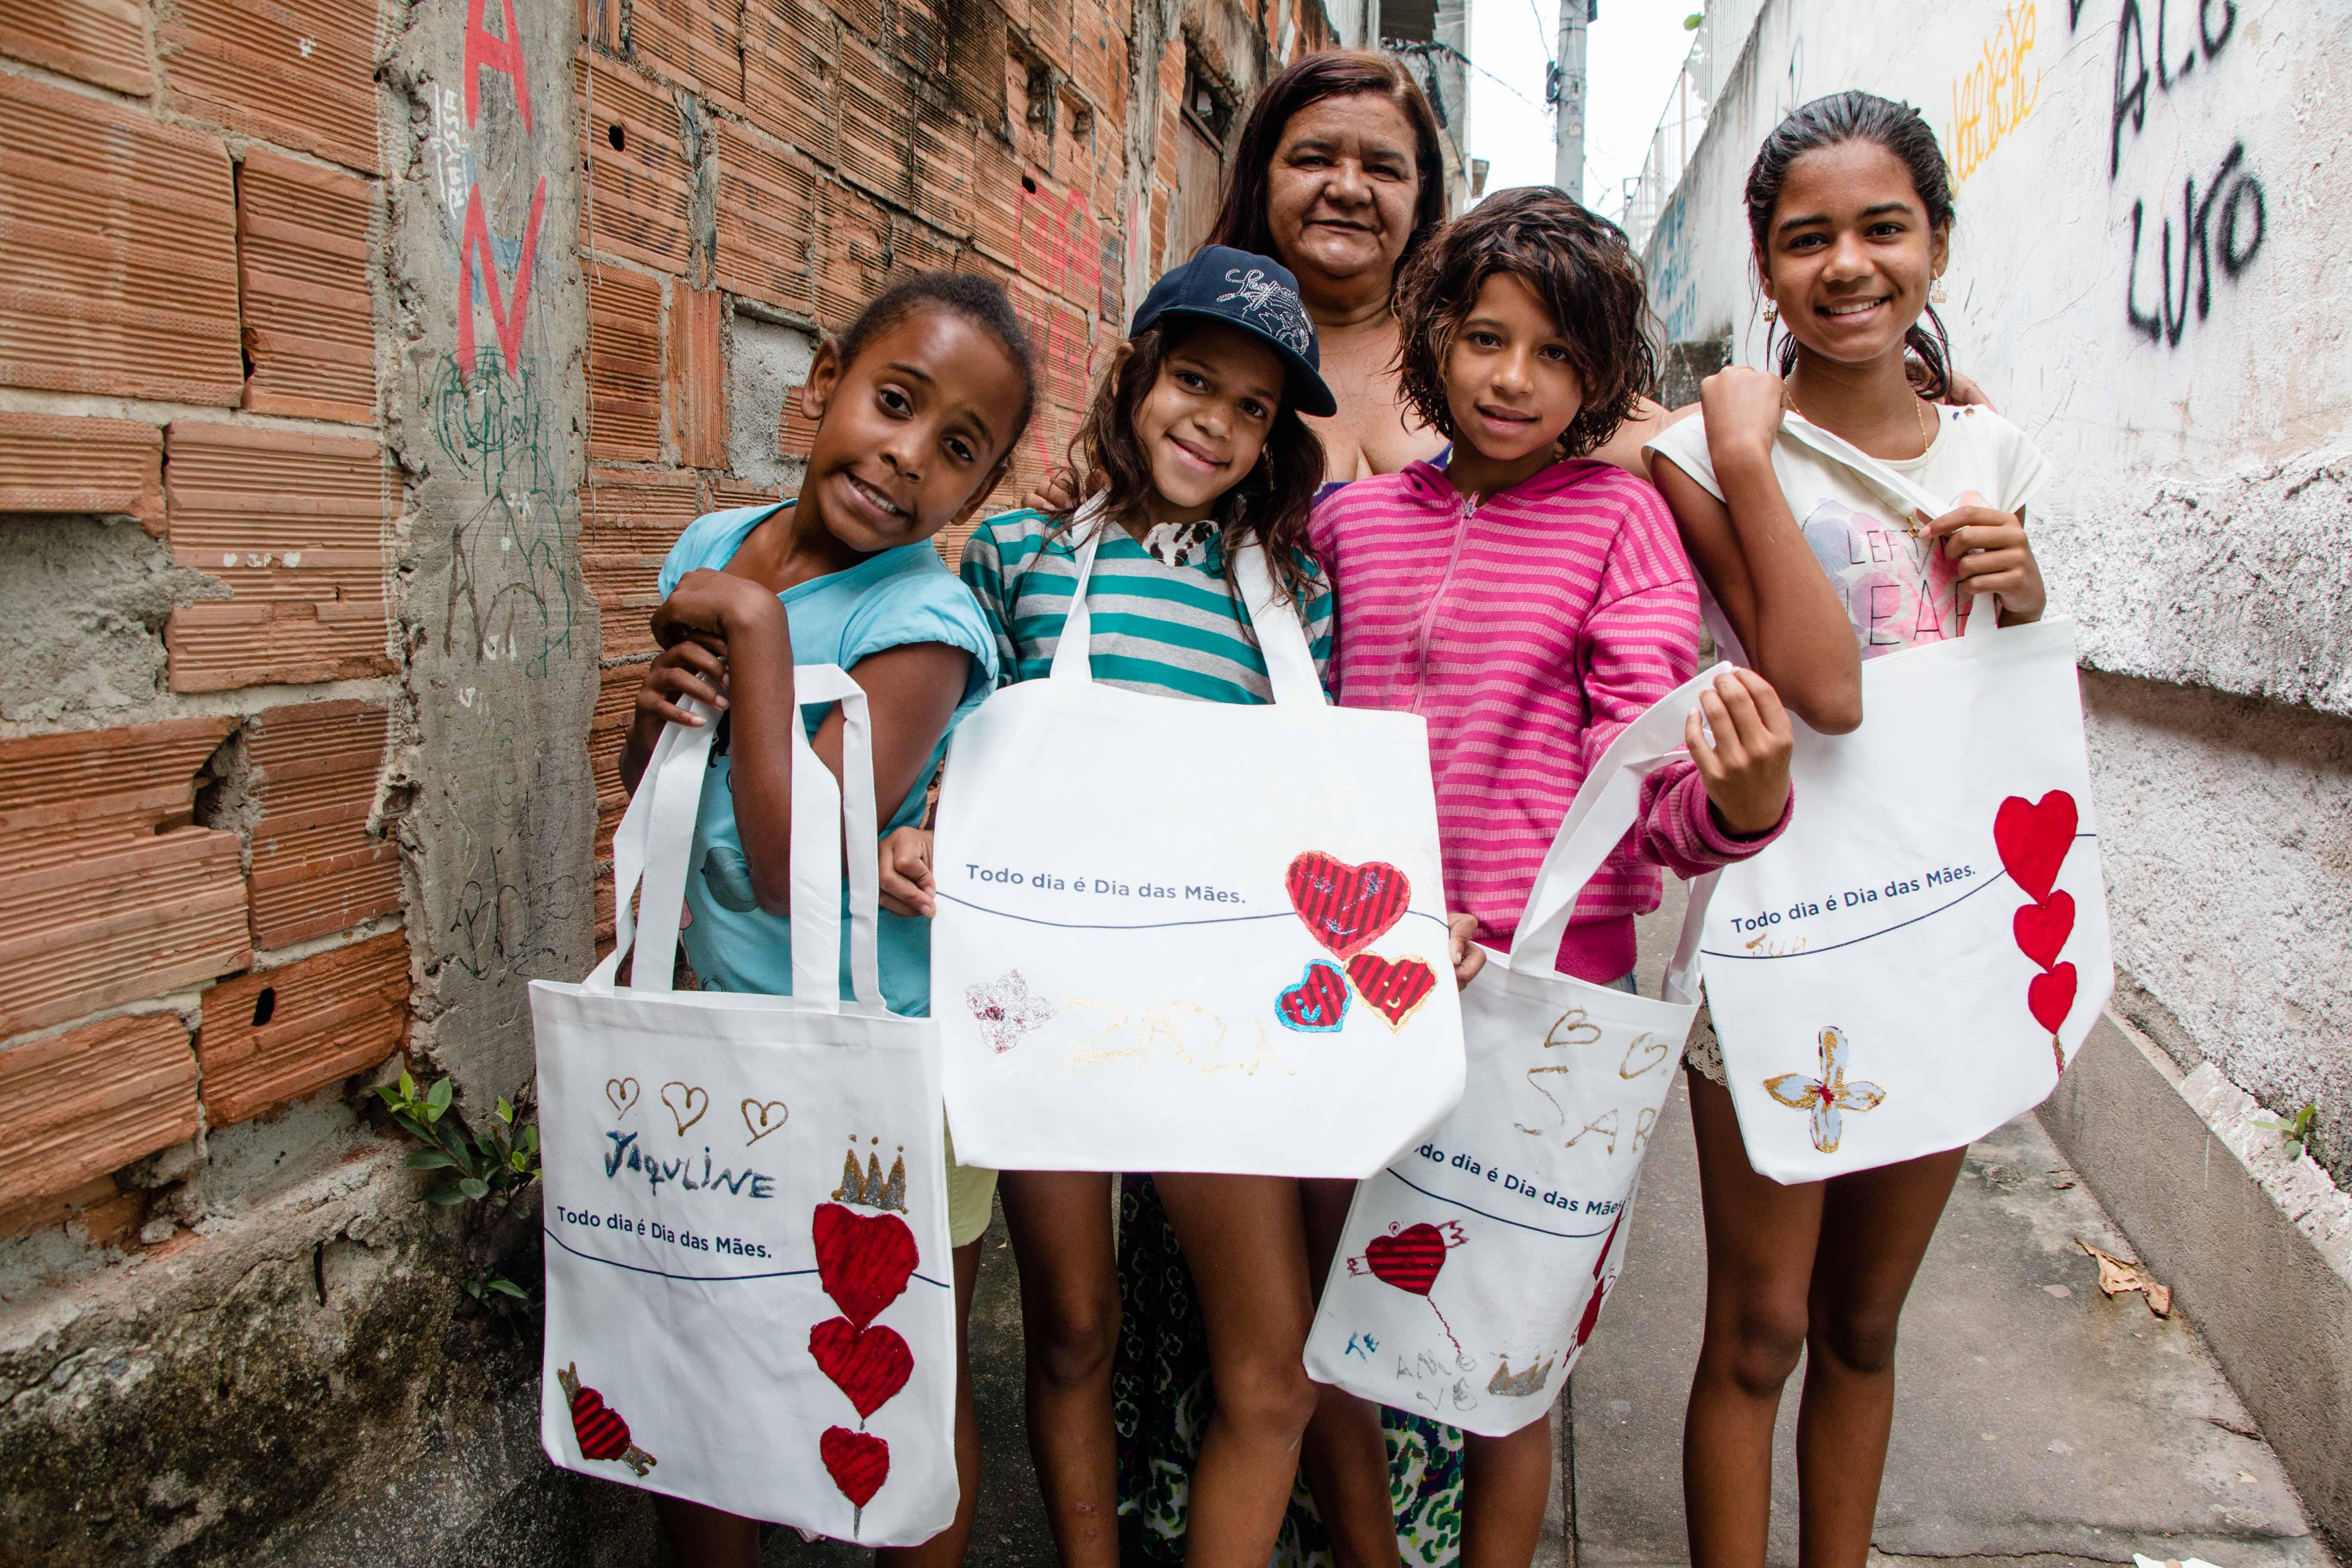 Nas oficinas, Marilene ensina uma arte diferente toda semana. Foto: Renato Moura/Jornal Voz da Comunidade